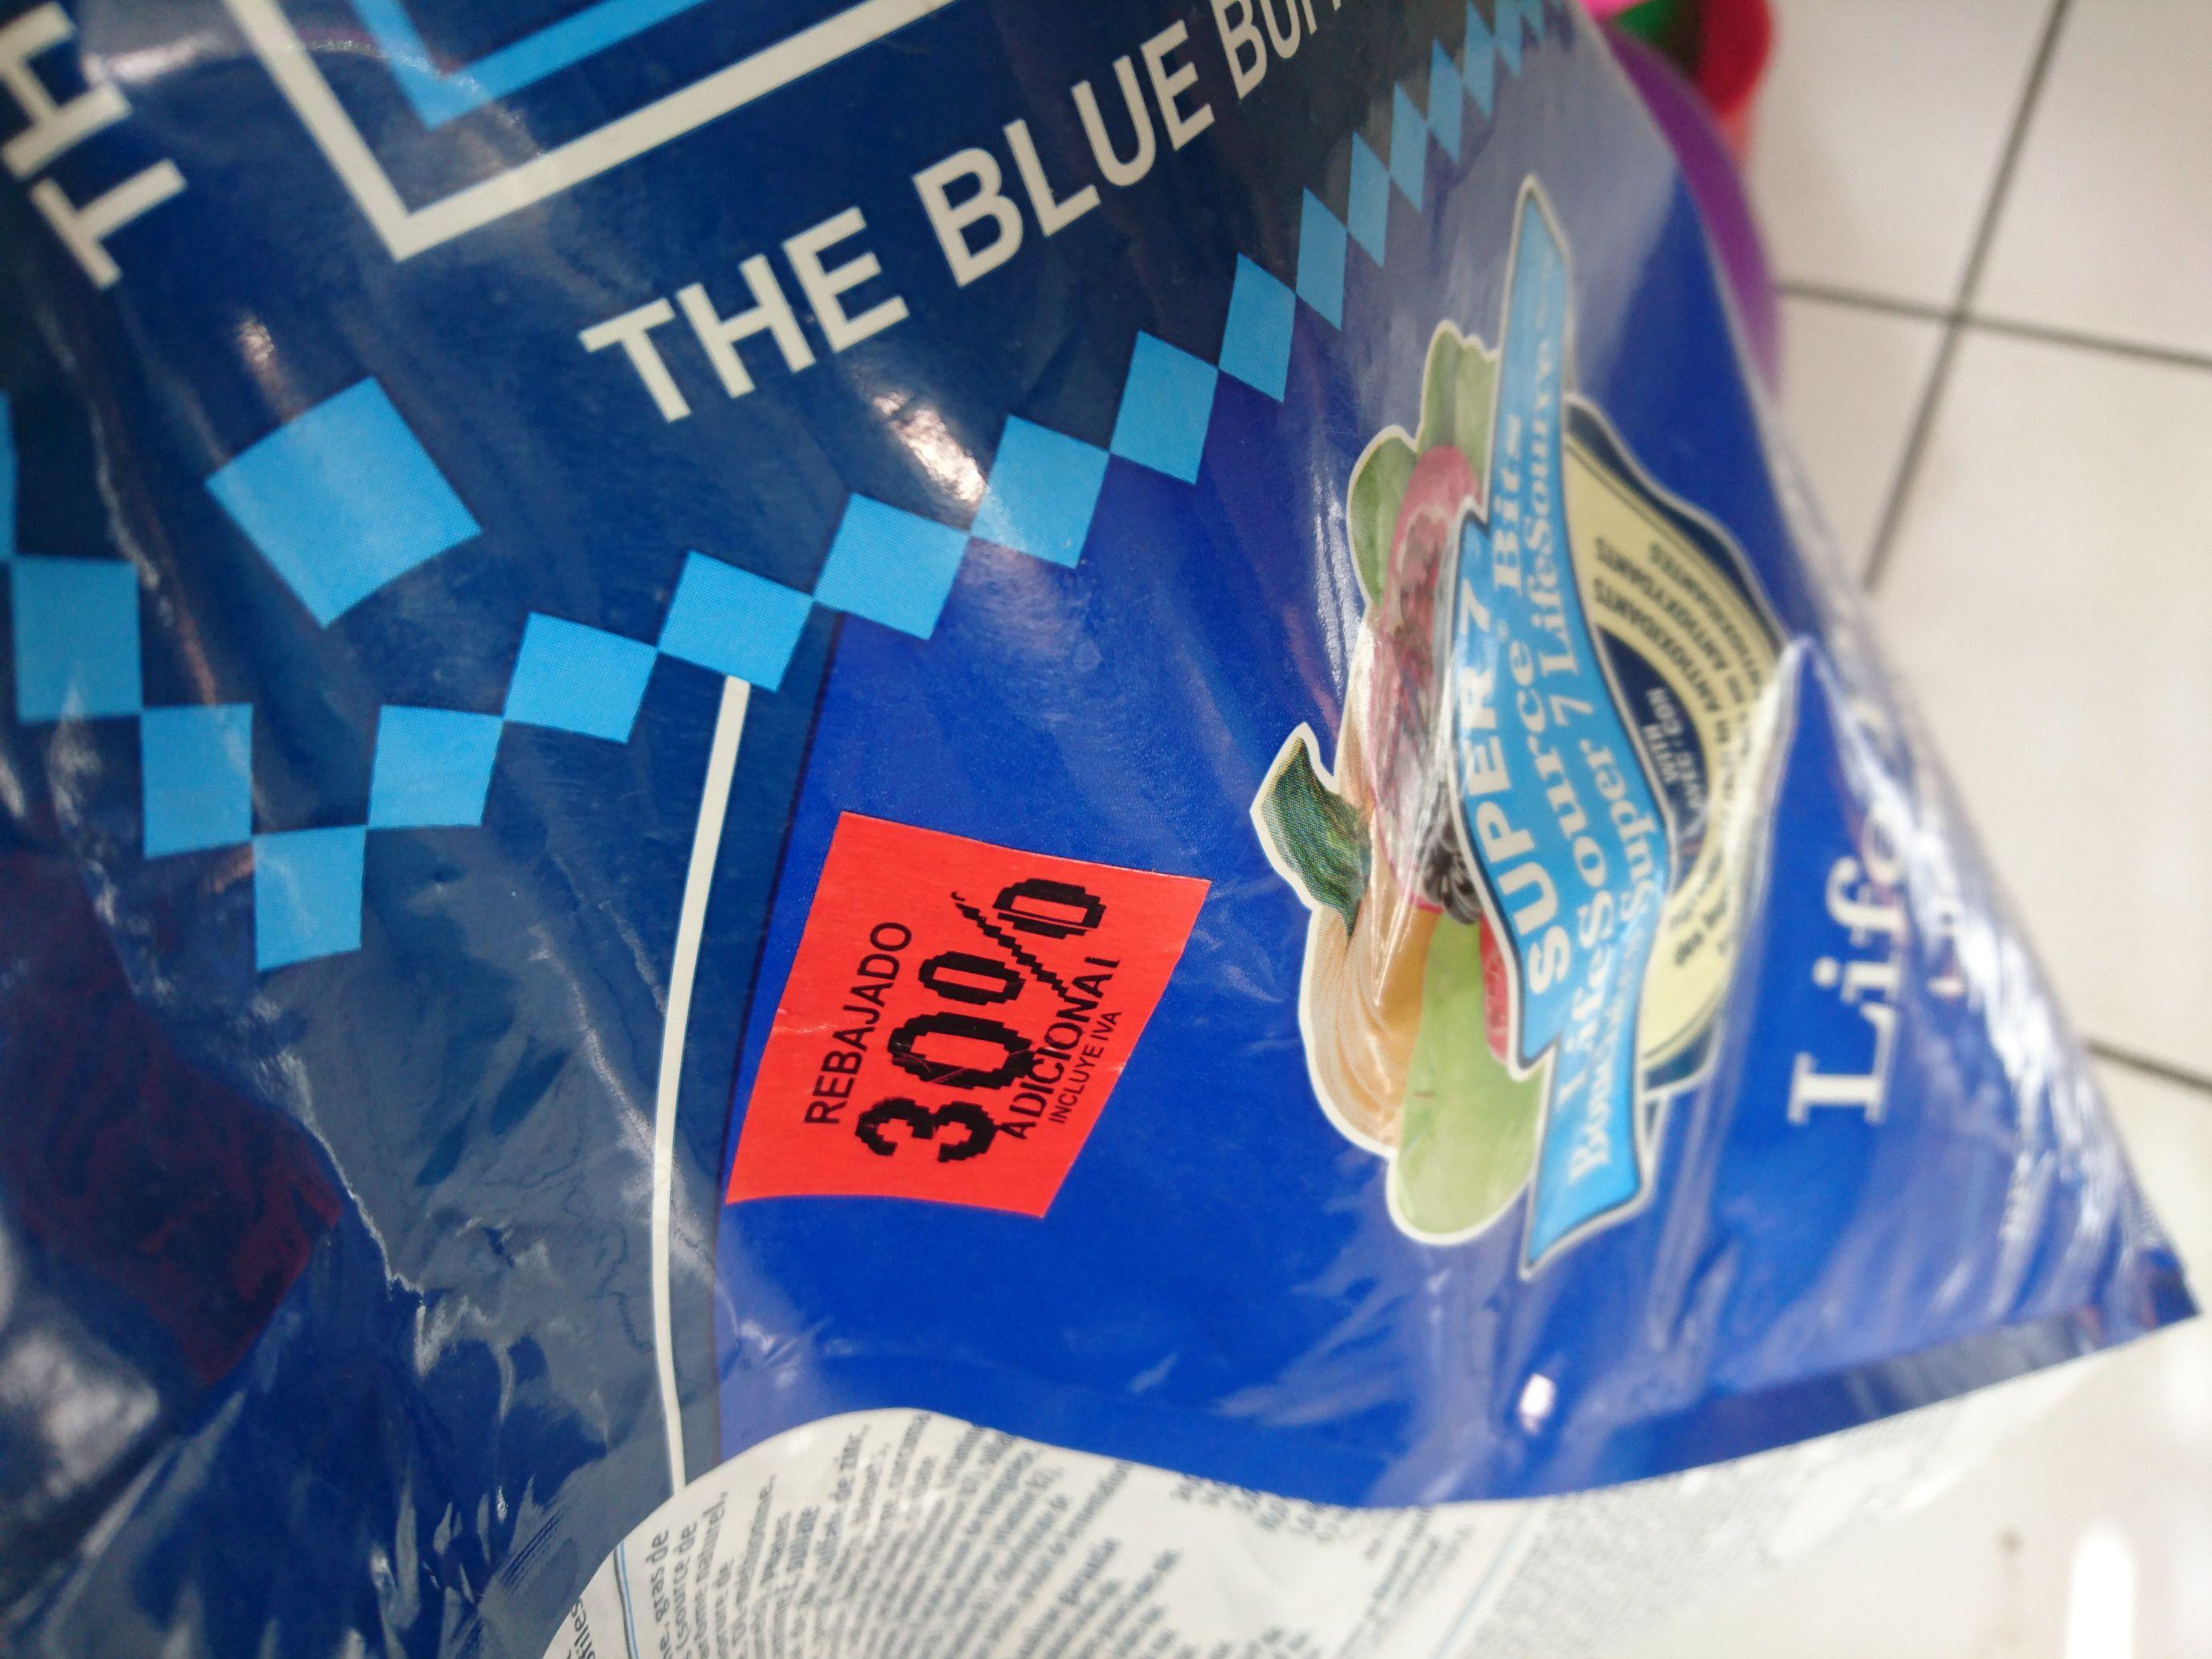 Liverpool Serdán: Alimento blue buffalo y royal canin con 70% de descuento